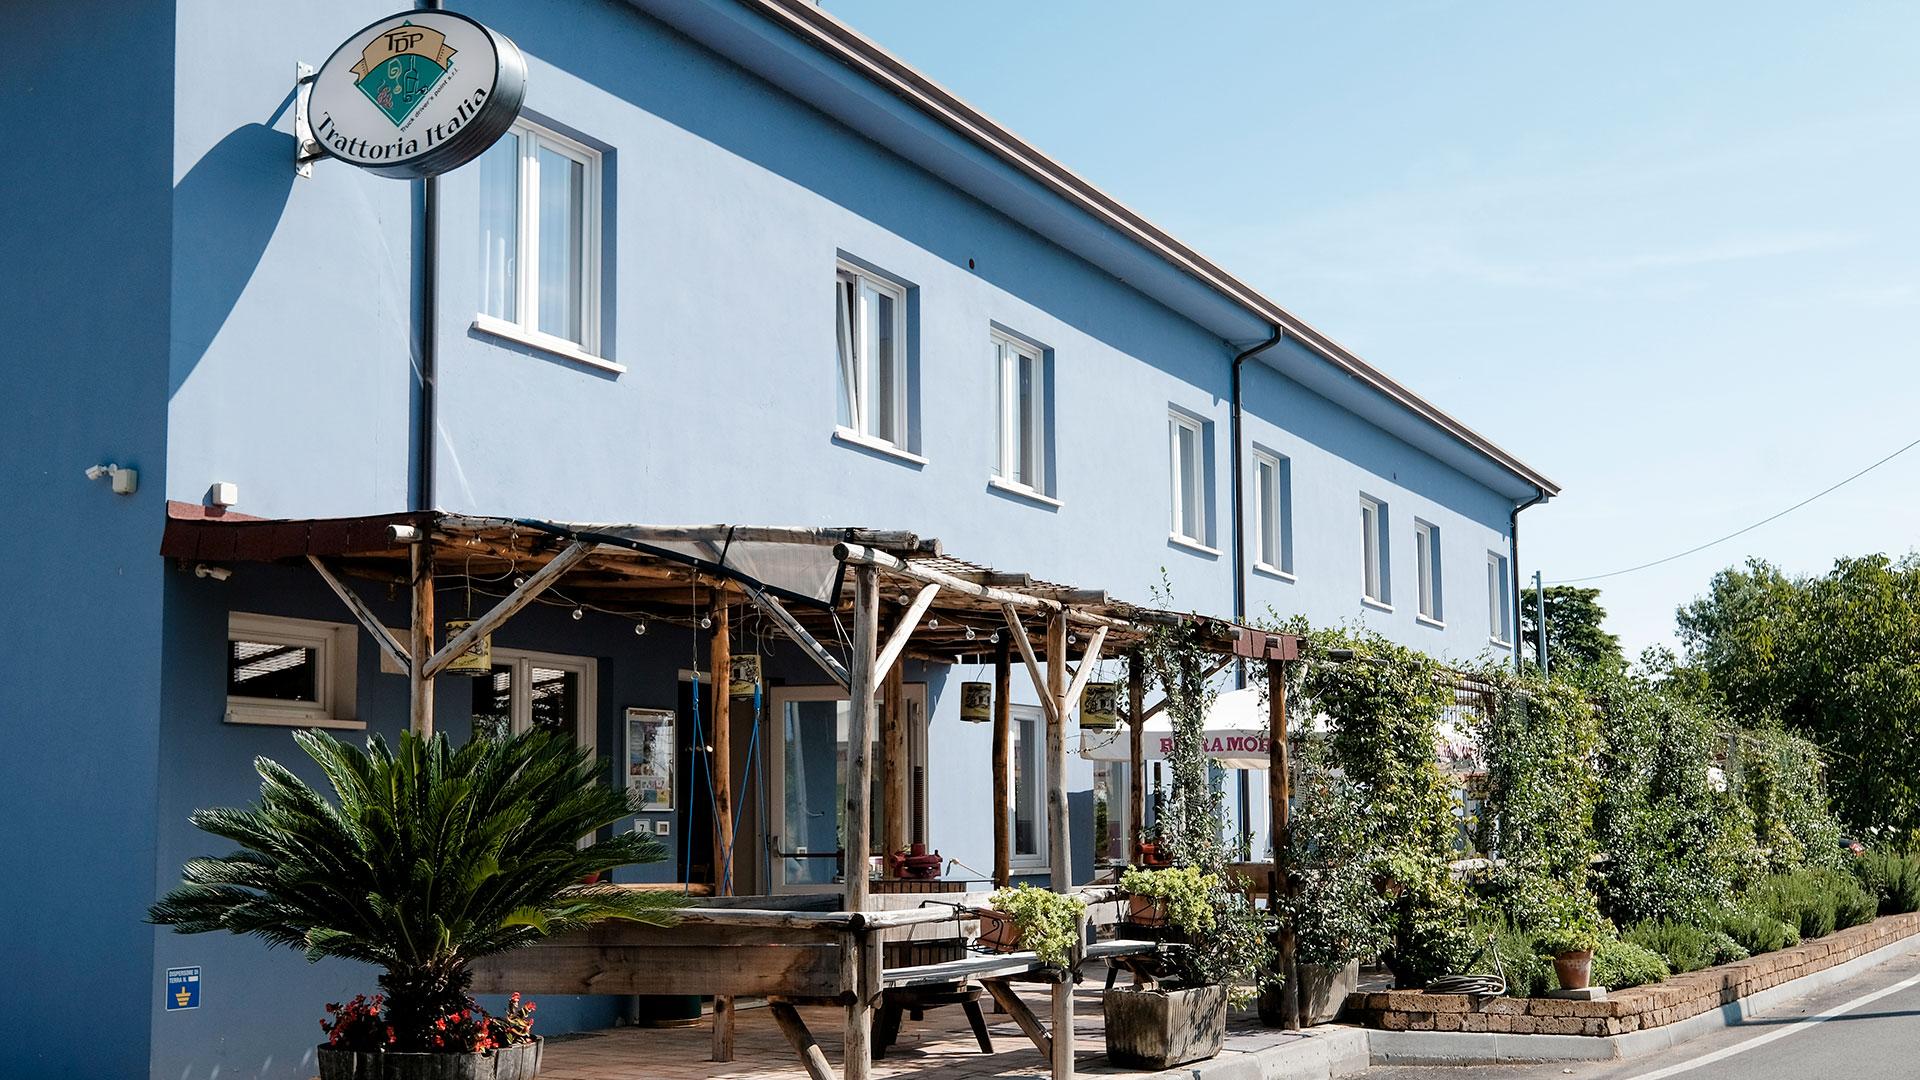 Convenient Overnight Stay in Lago di Garda